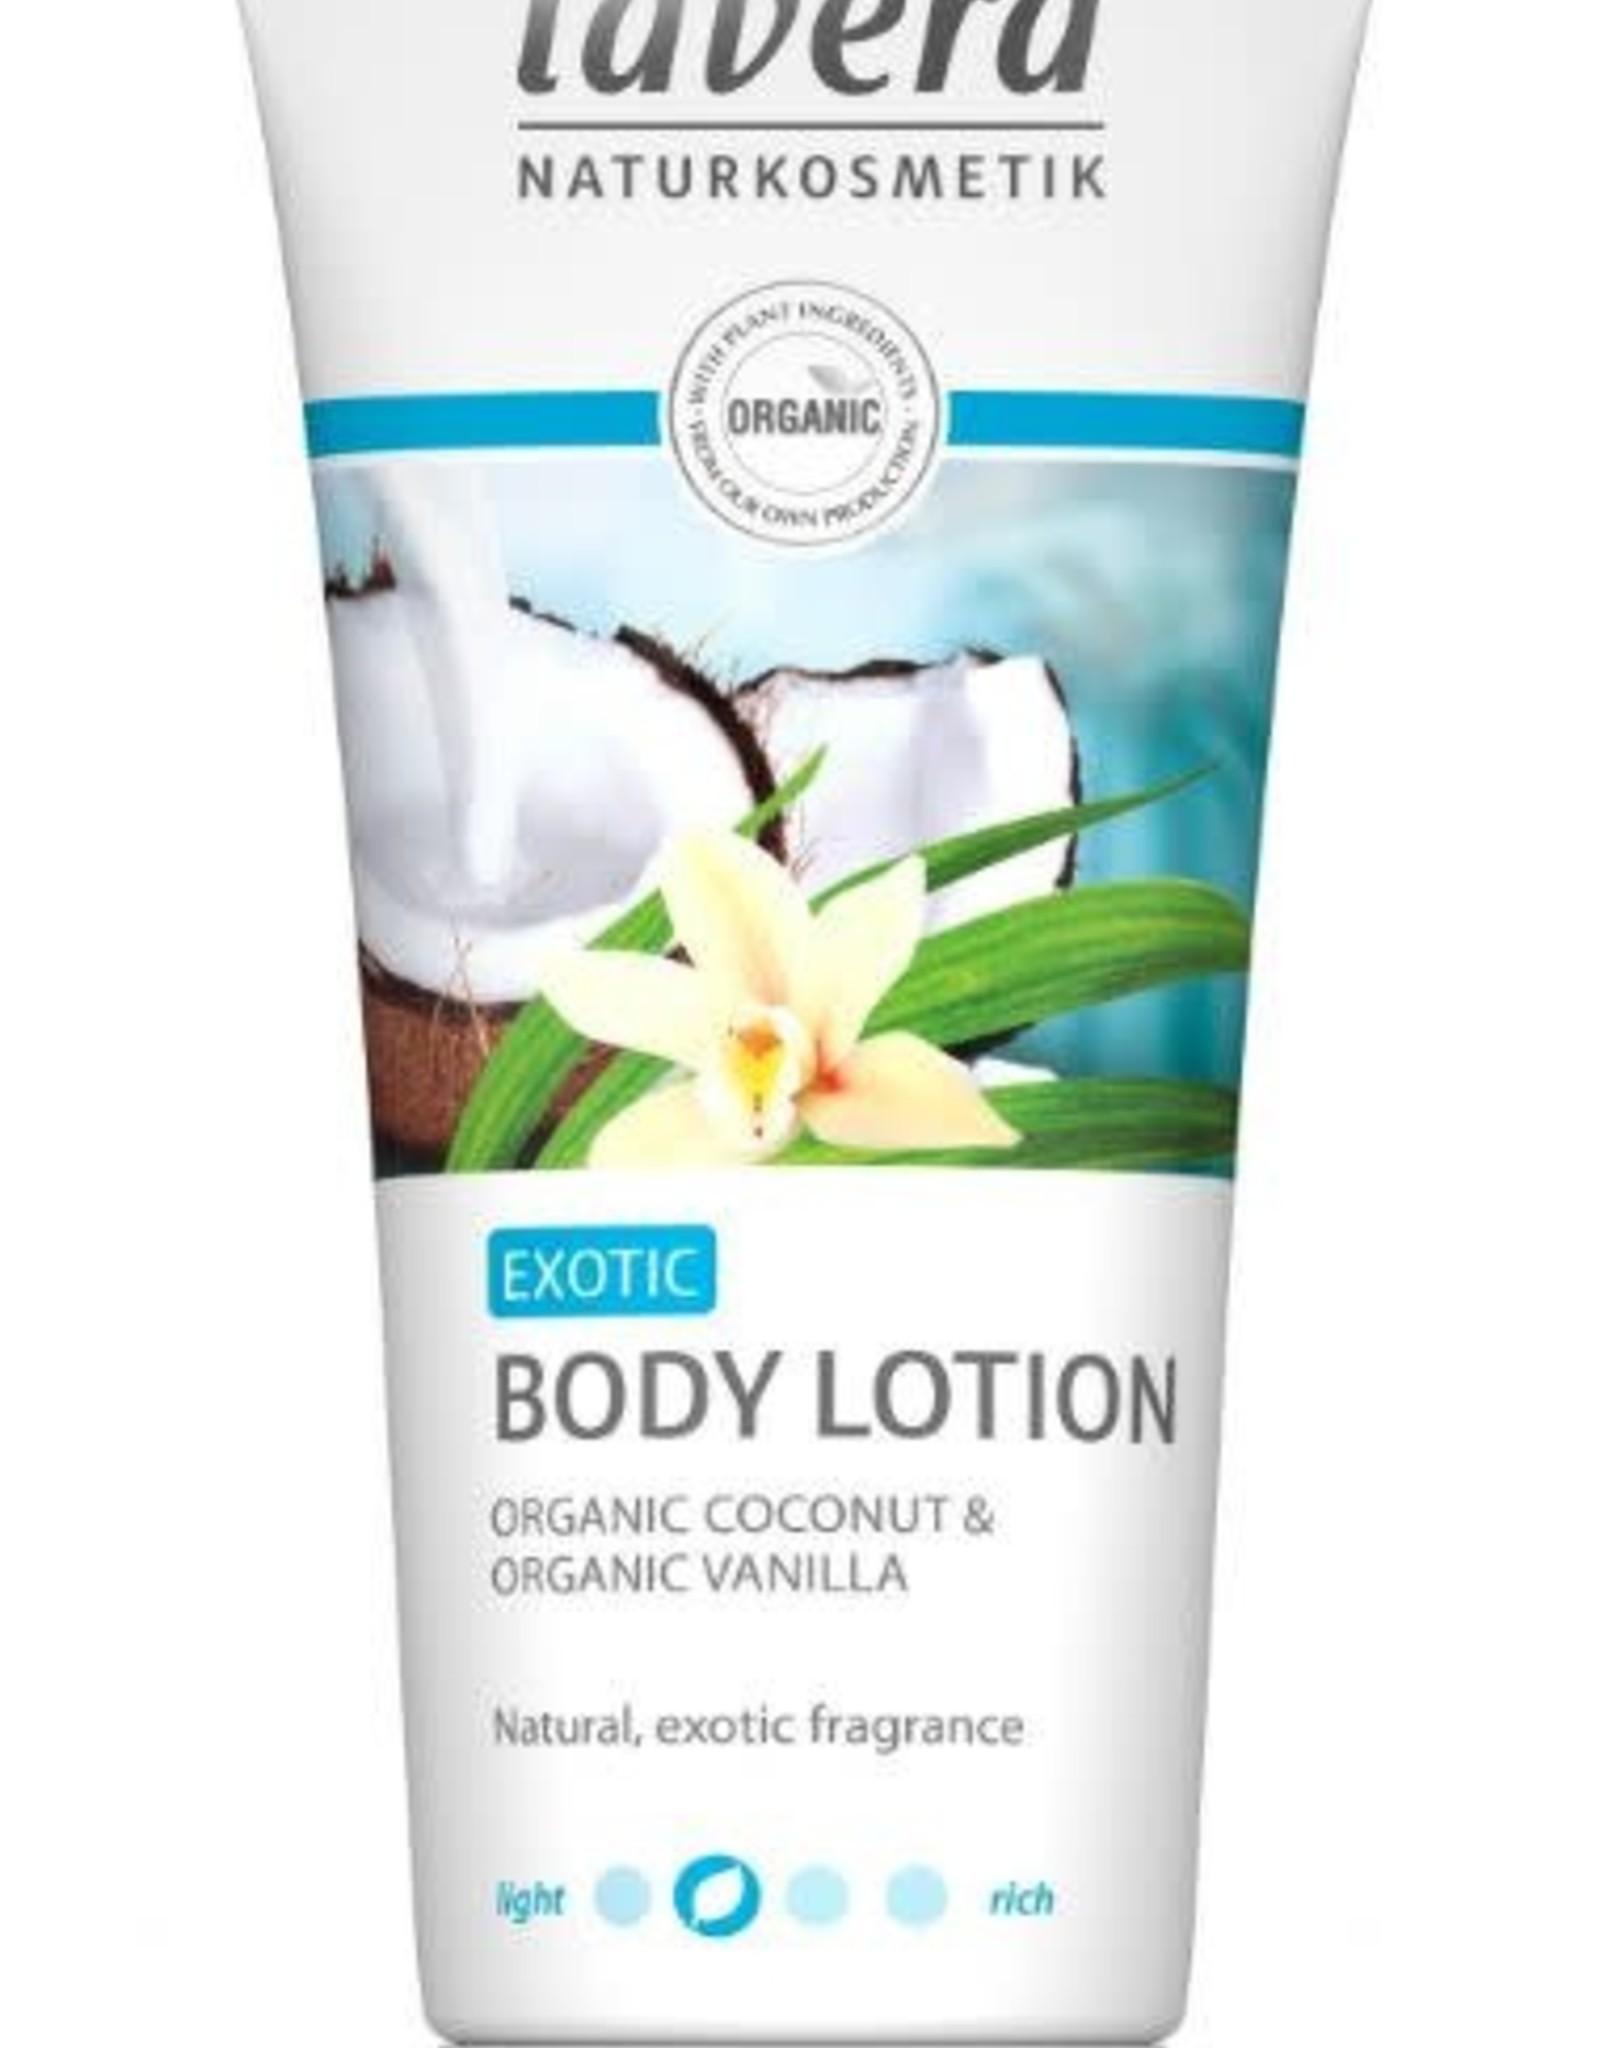 Lavera Bodymilk Exotic Coconut & Vanilla 200ml